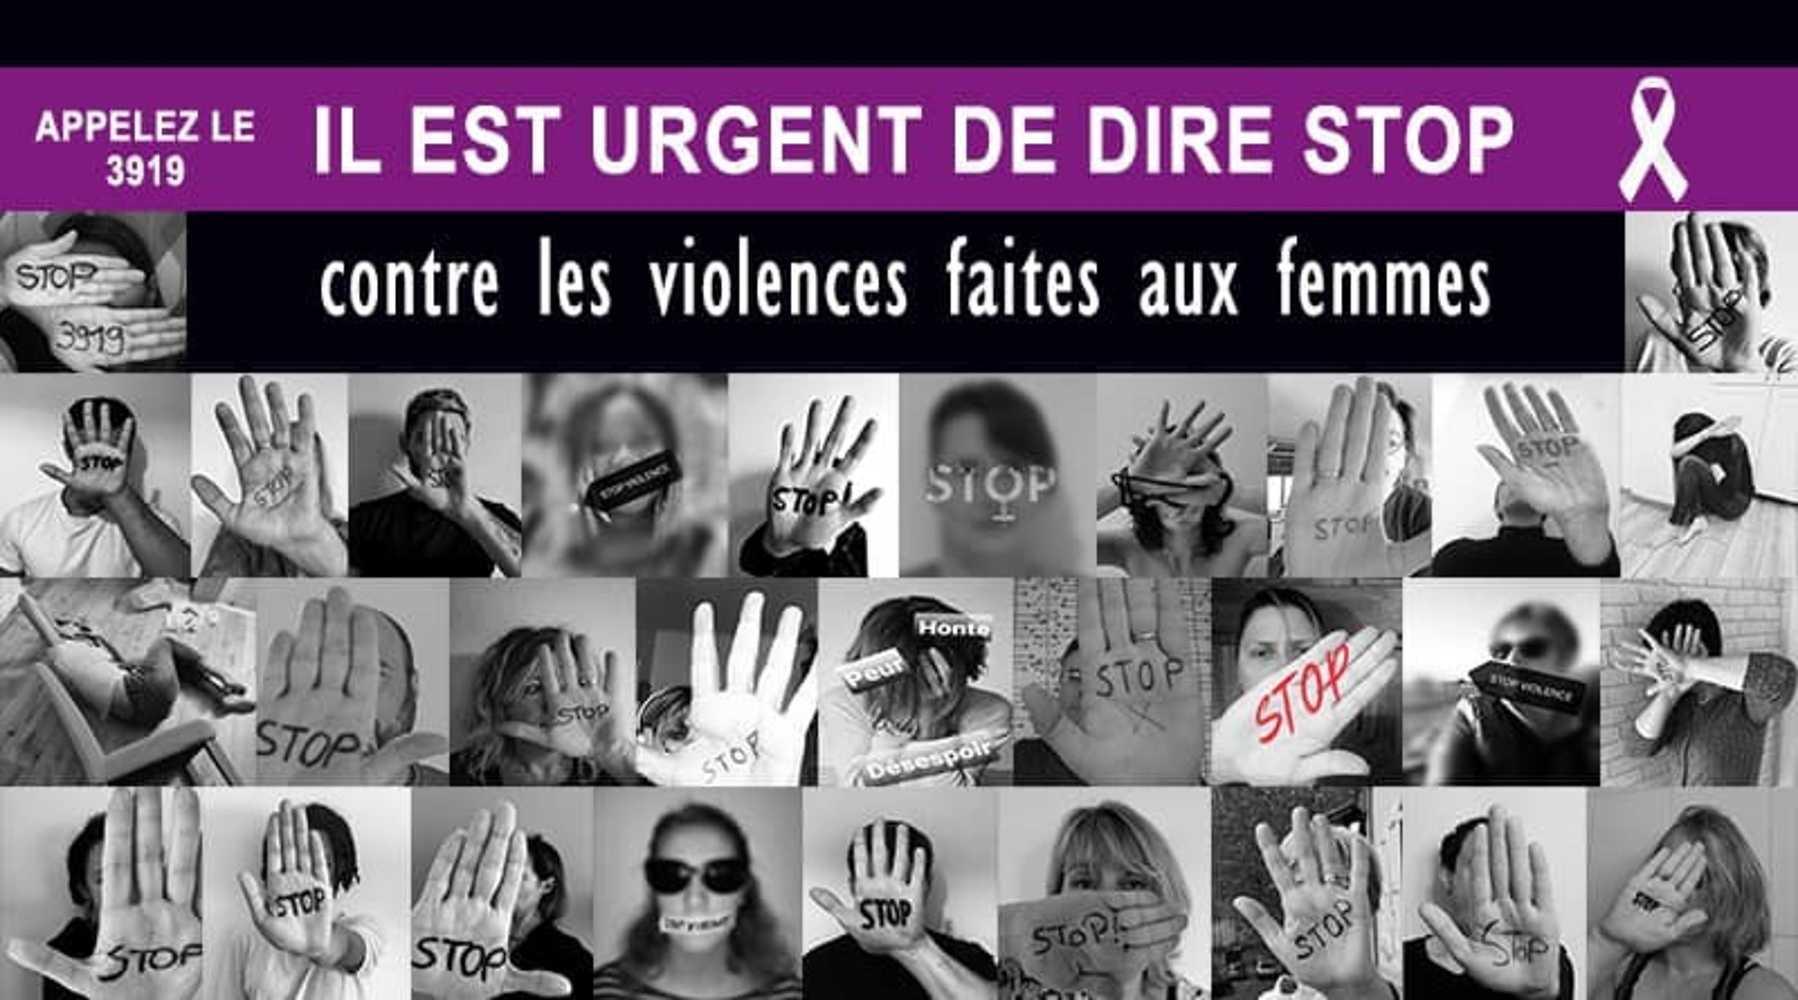 Il est urgent de dire STOP contre les violences faites aux femmes 0